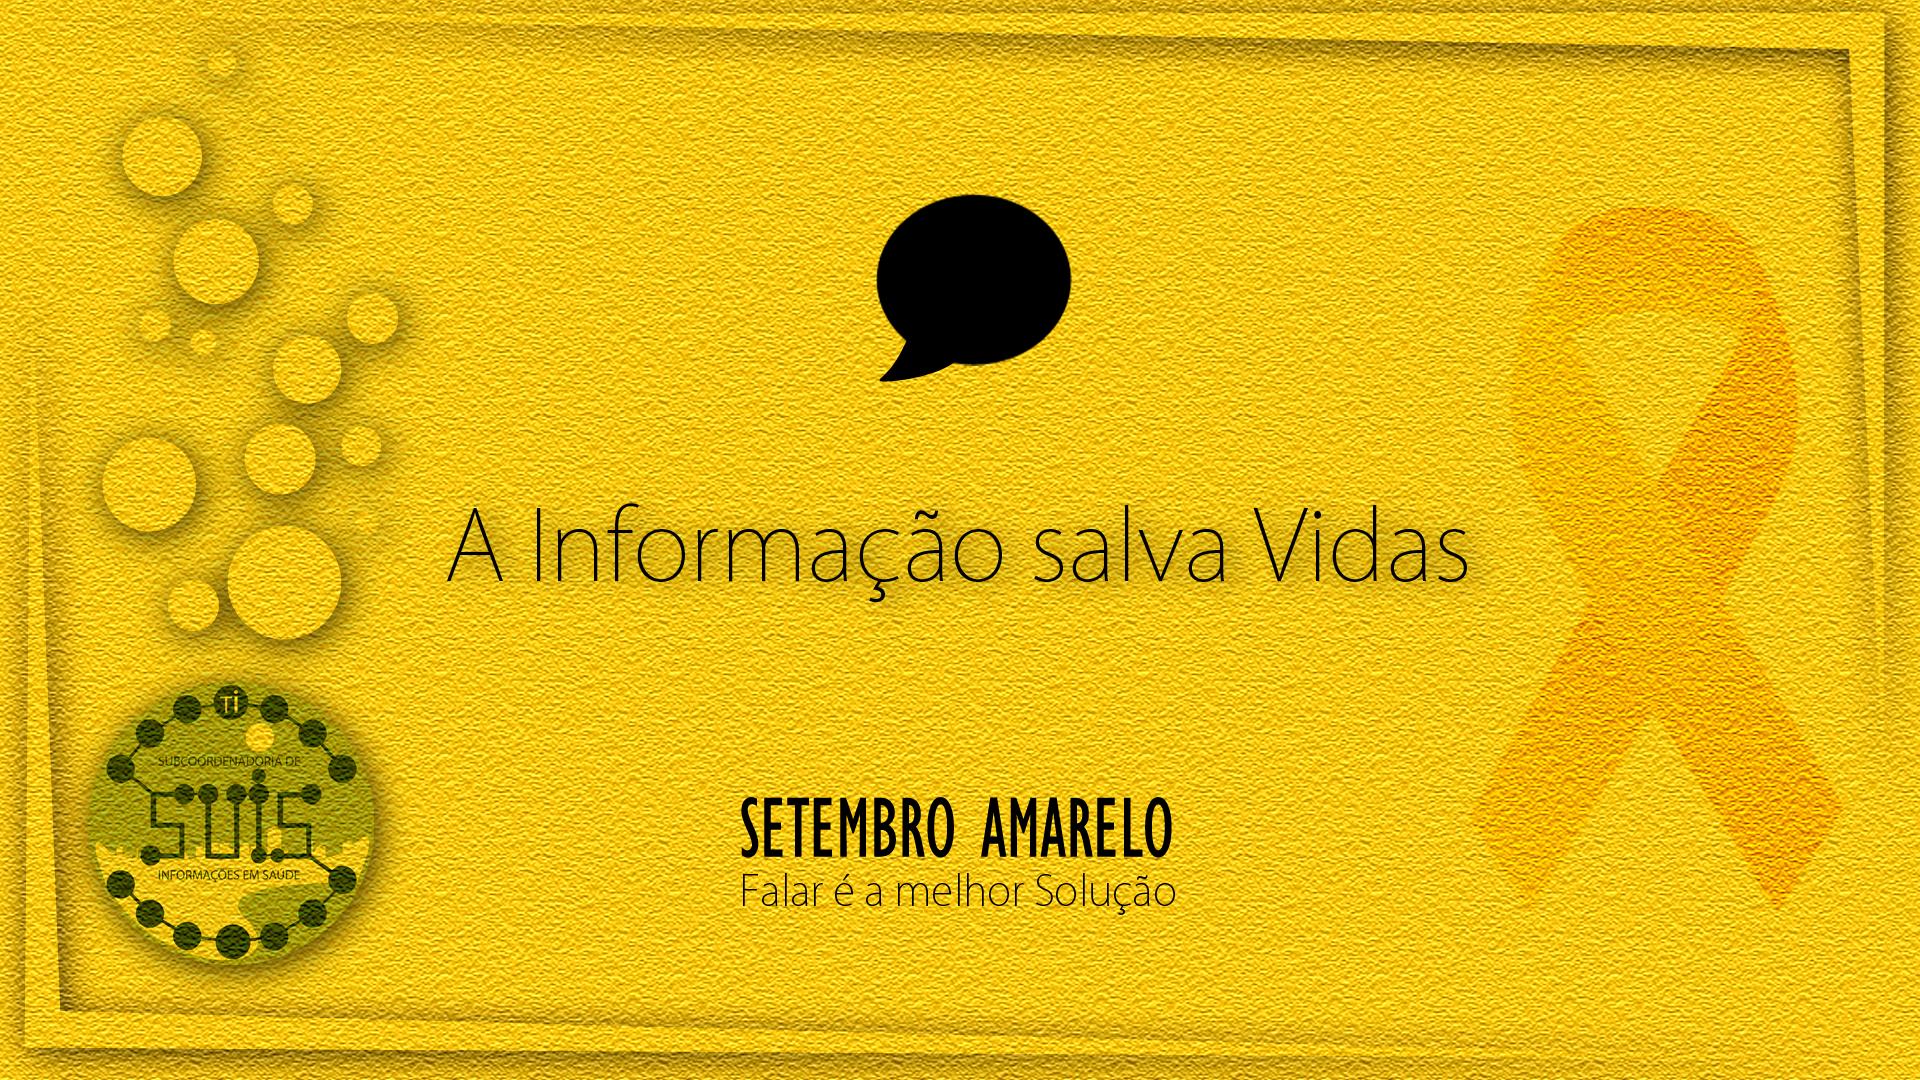 O Setembro Amarelo é uma campanha de conscientização sobre a prevenção do suicídio. No Brasil, foi criado em 2015 pelo CVV (Centro de Valorização da Vida), CFM (Conselho Federal de Medicina) e ABP (Associação Brasileira de Psiquiatria), com a proposta de associar à cor ao mês que marca o Dia Mundial de Prevenção do Suicídio (10 de setembro).  A ideia é pintar, iluminar e estampar o amarelo nas mais diversas resoluções, garantindo mais visibilidade à causa.   Ao longo dos últimos anos, escolas, universidades, entidades do setor público e privado e a população de forma geral se envolveram neste movimento que vai de norte a sul do Brasil. Monumentos como o Cristo Redentor (RJ), o Congresso Nacional e o Palácio do Itamaray (DF), o Estádio Beira Rio (RS) e o Elevador Lacerda (BA), para citar apenas alguns, e até mesmo times de futebol, como o Santos FC, Flamengo e Vitória da Bahia, participam da campanha.  Visite o Site do Movimento clicando nesta imagem.